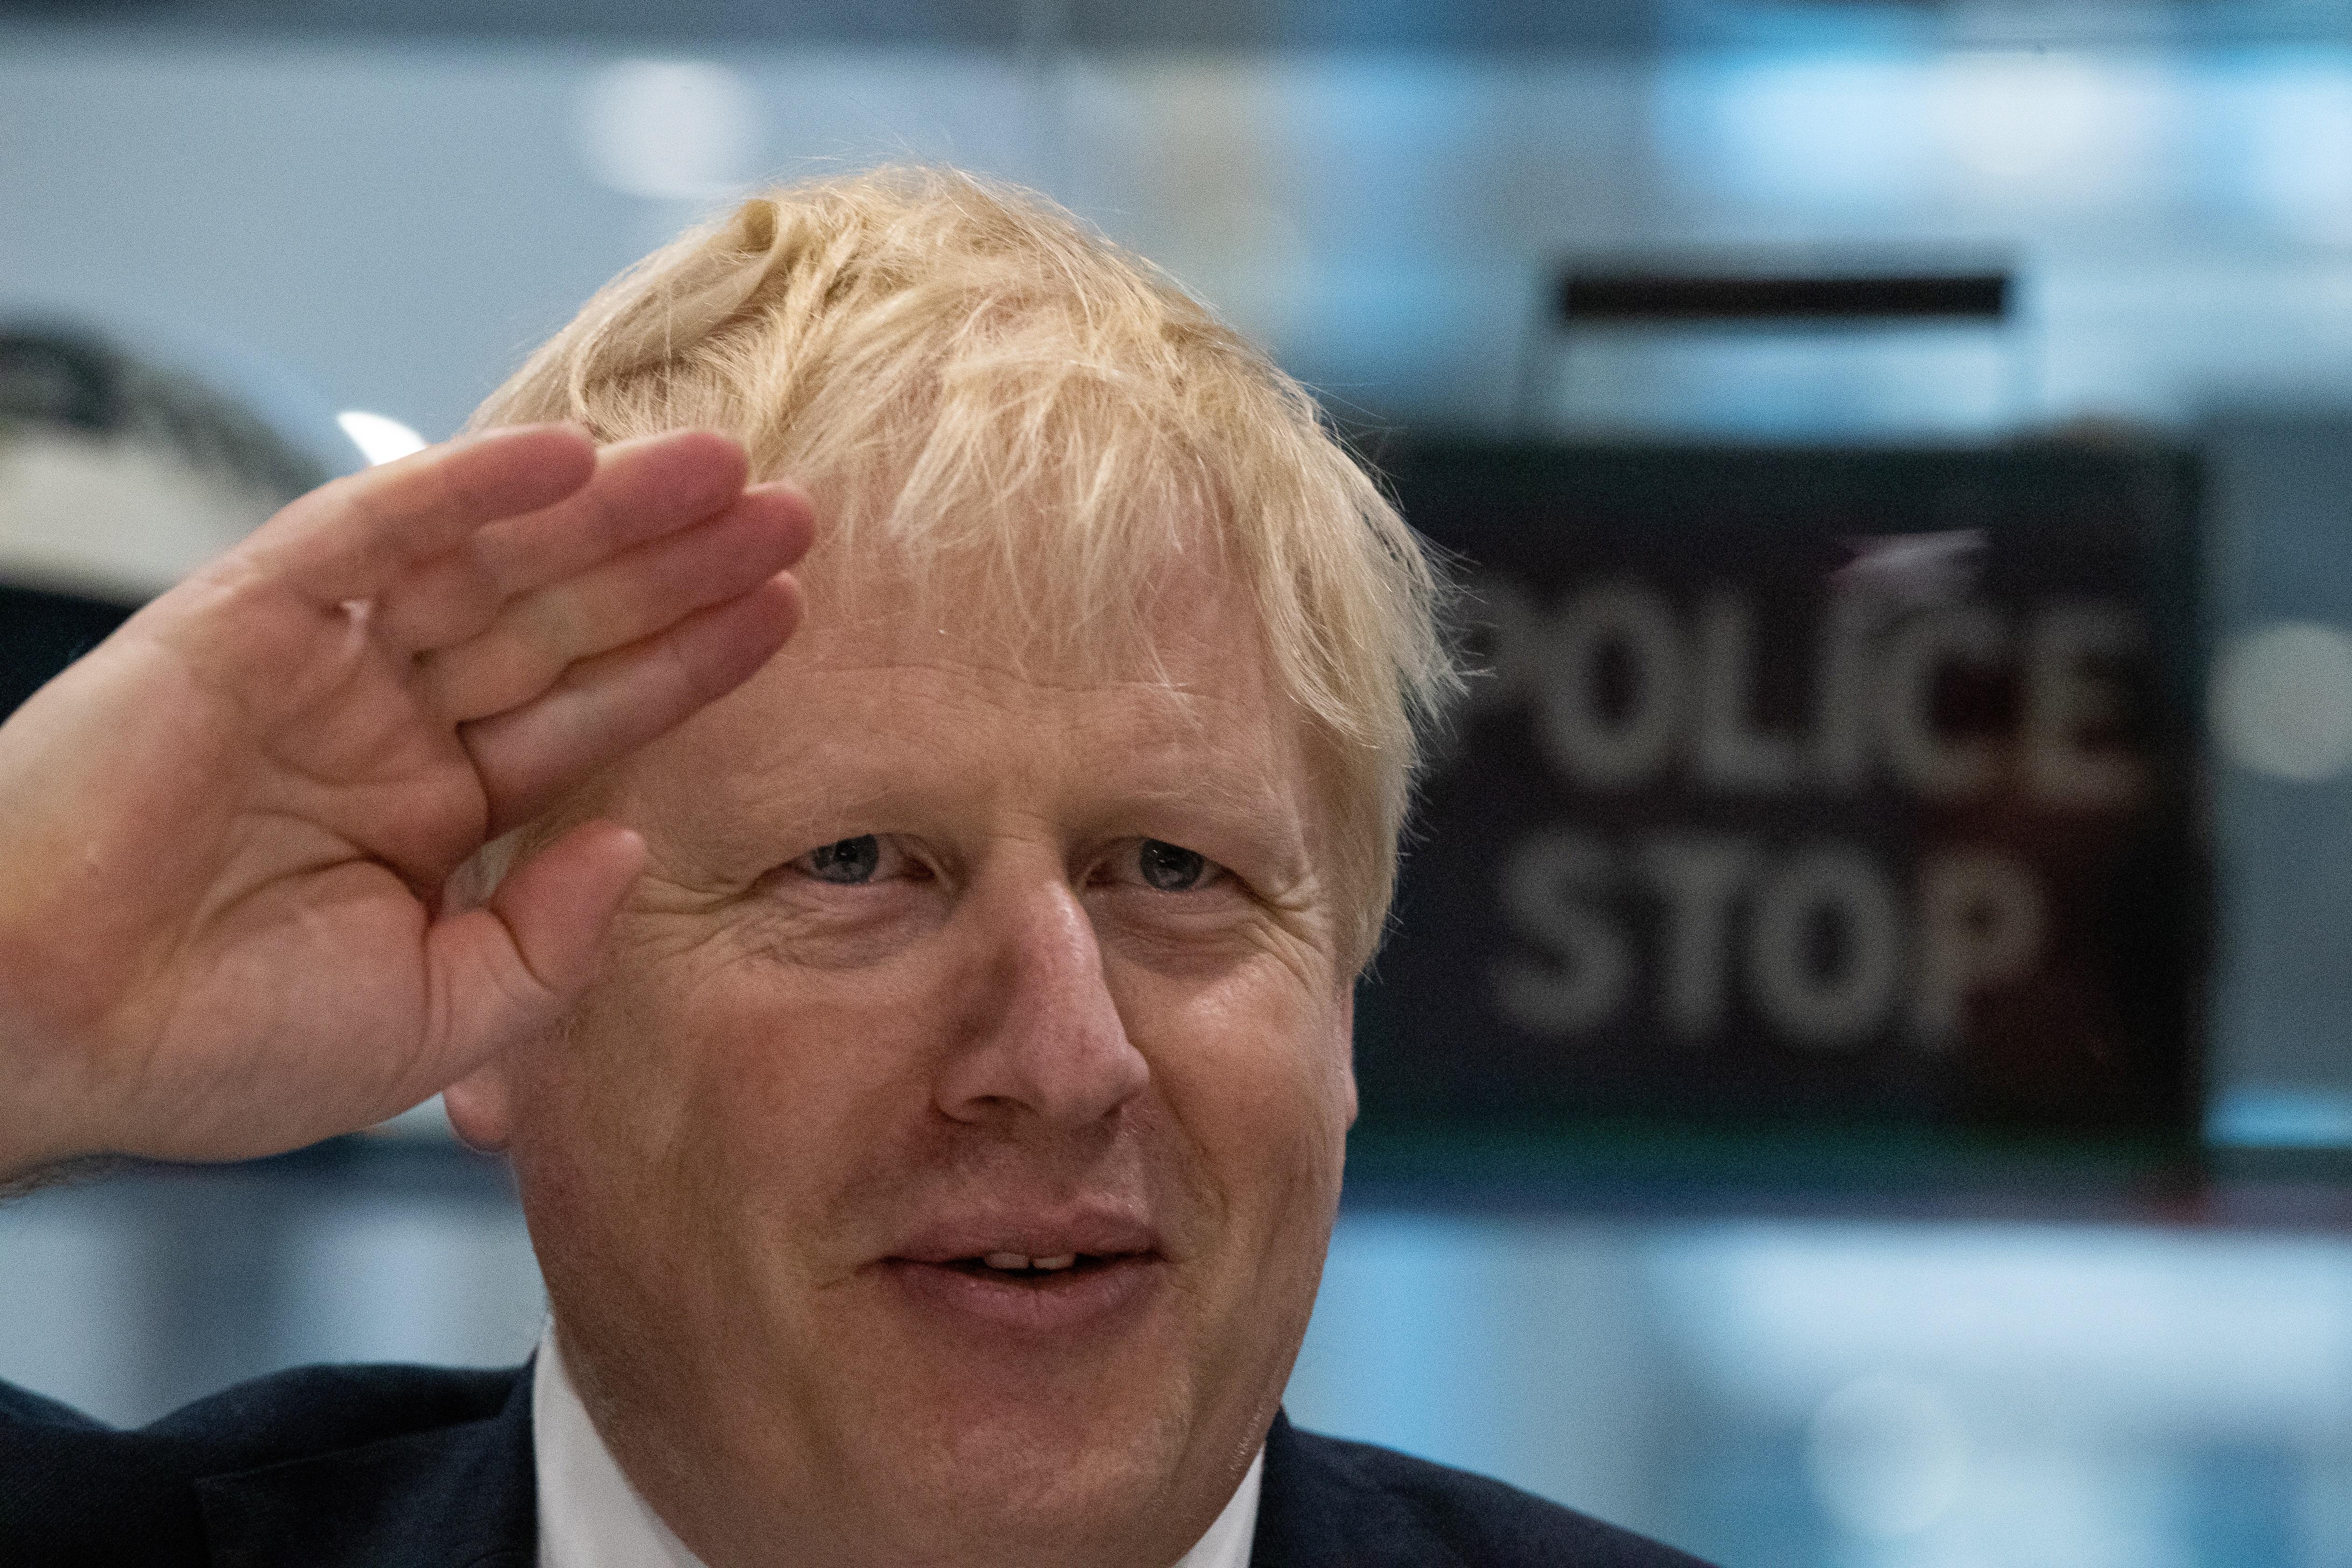 Νέα δημοσκόπηση στη Βρετανία: Μικραίνει το προβάδισμα του Τζόνσον